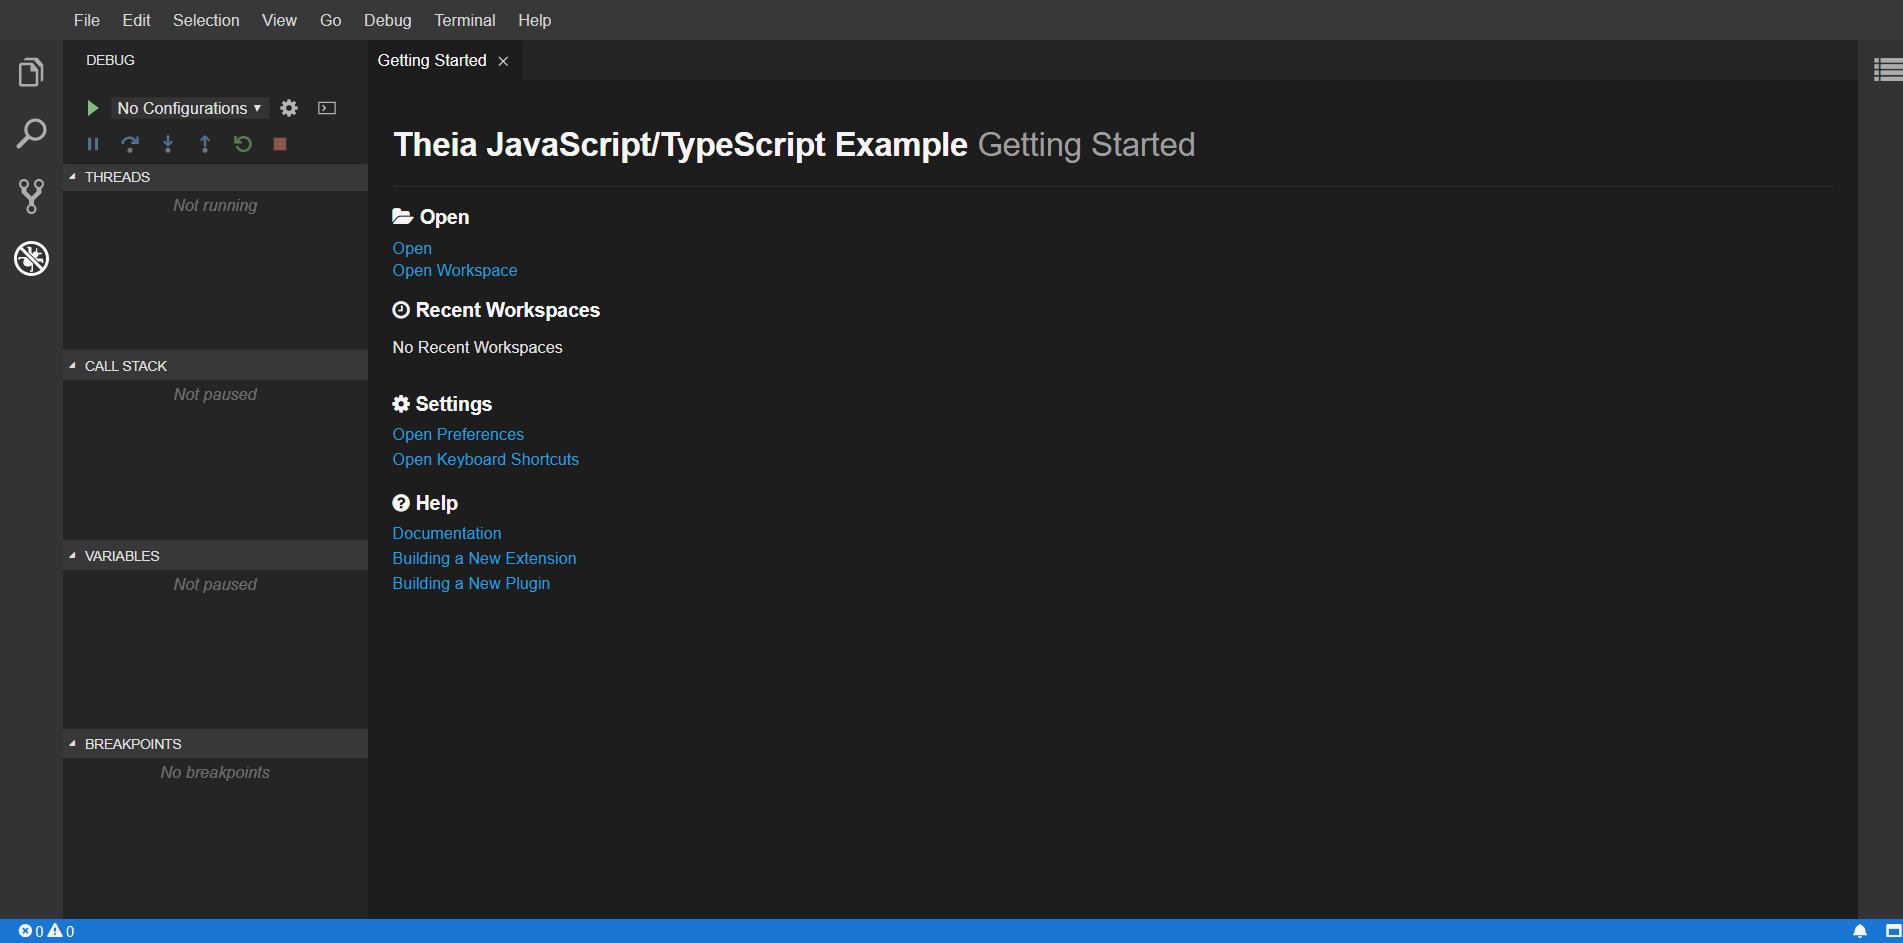 Используемый по умолчанию графический интерфейс редактора Eclipse Theia